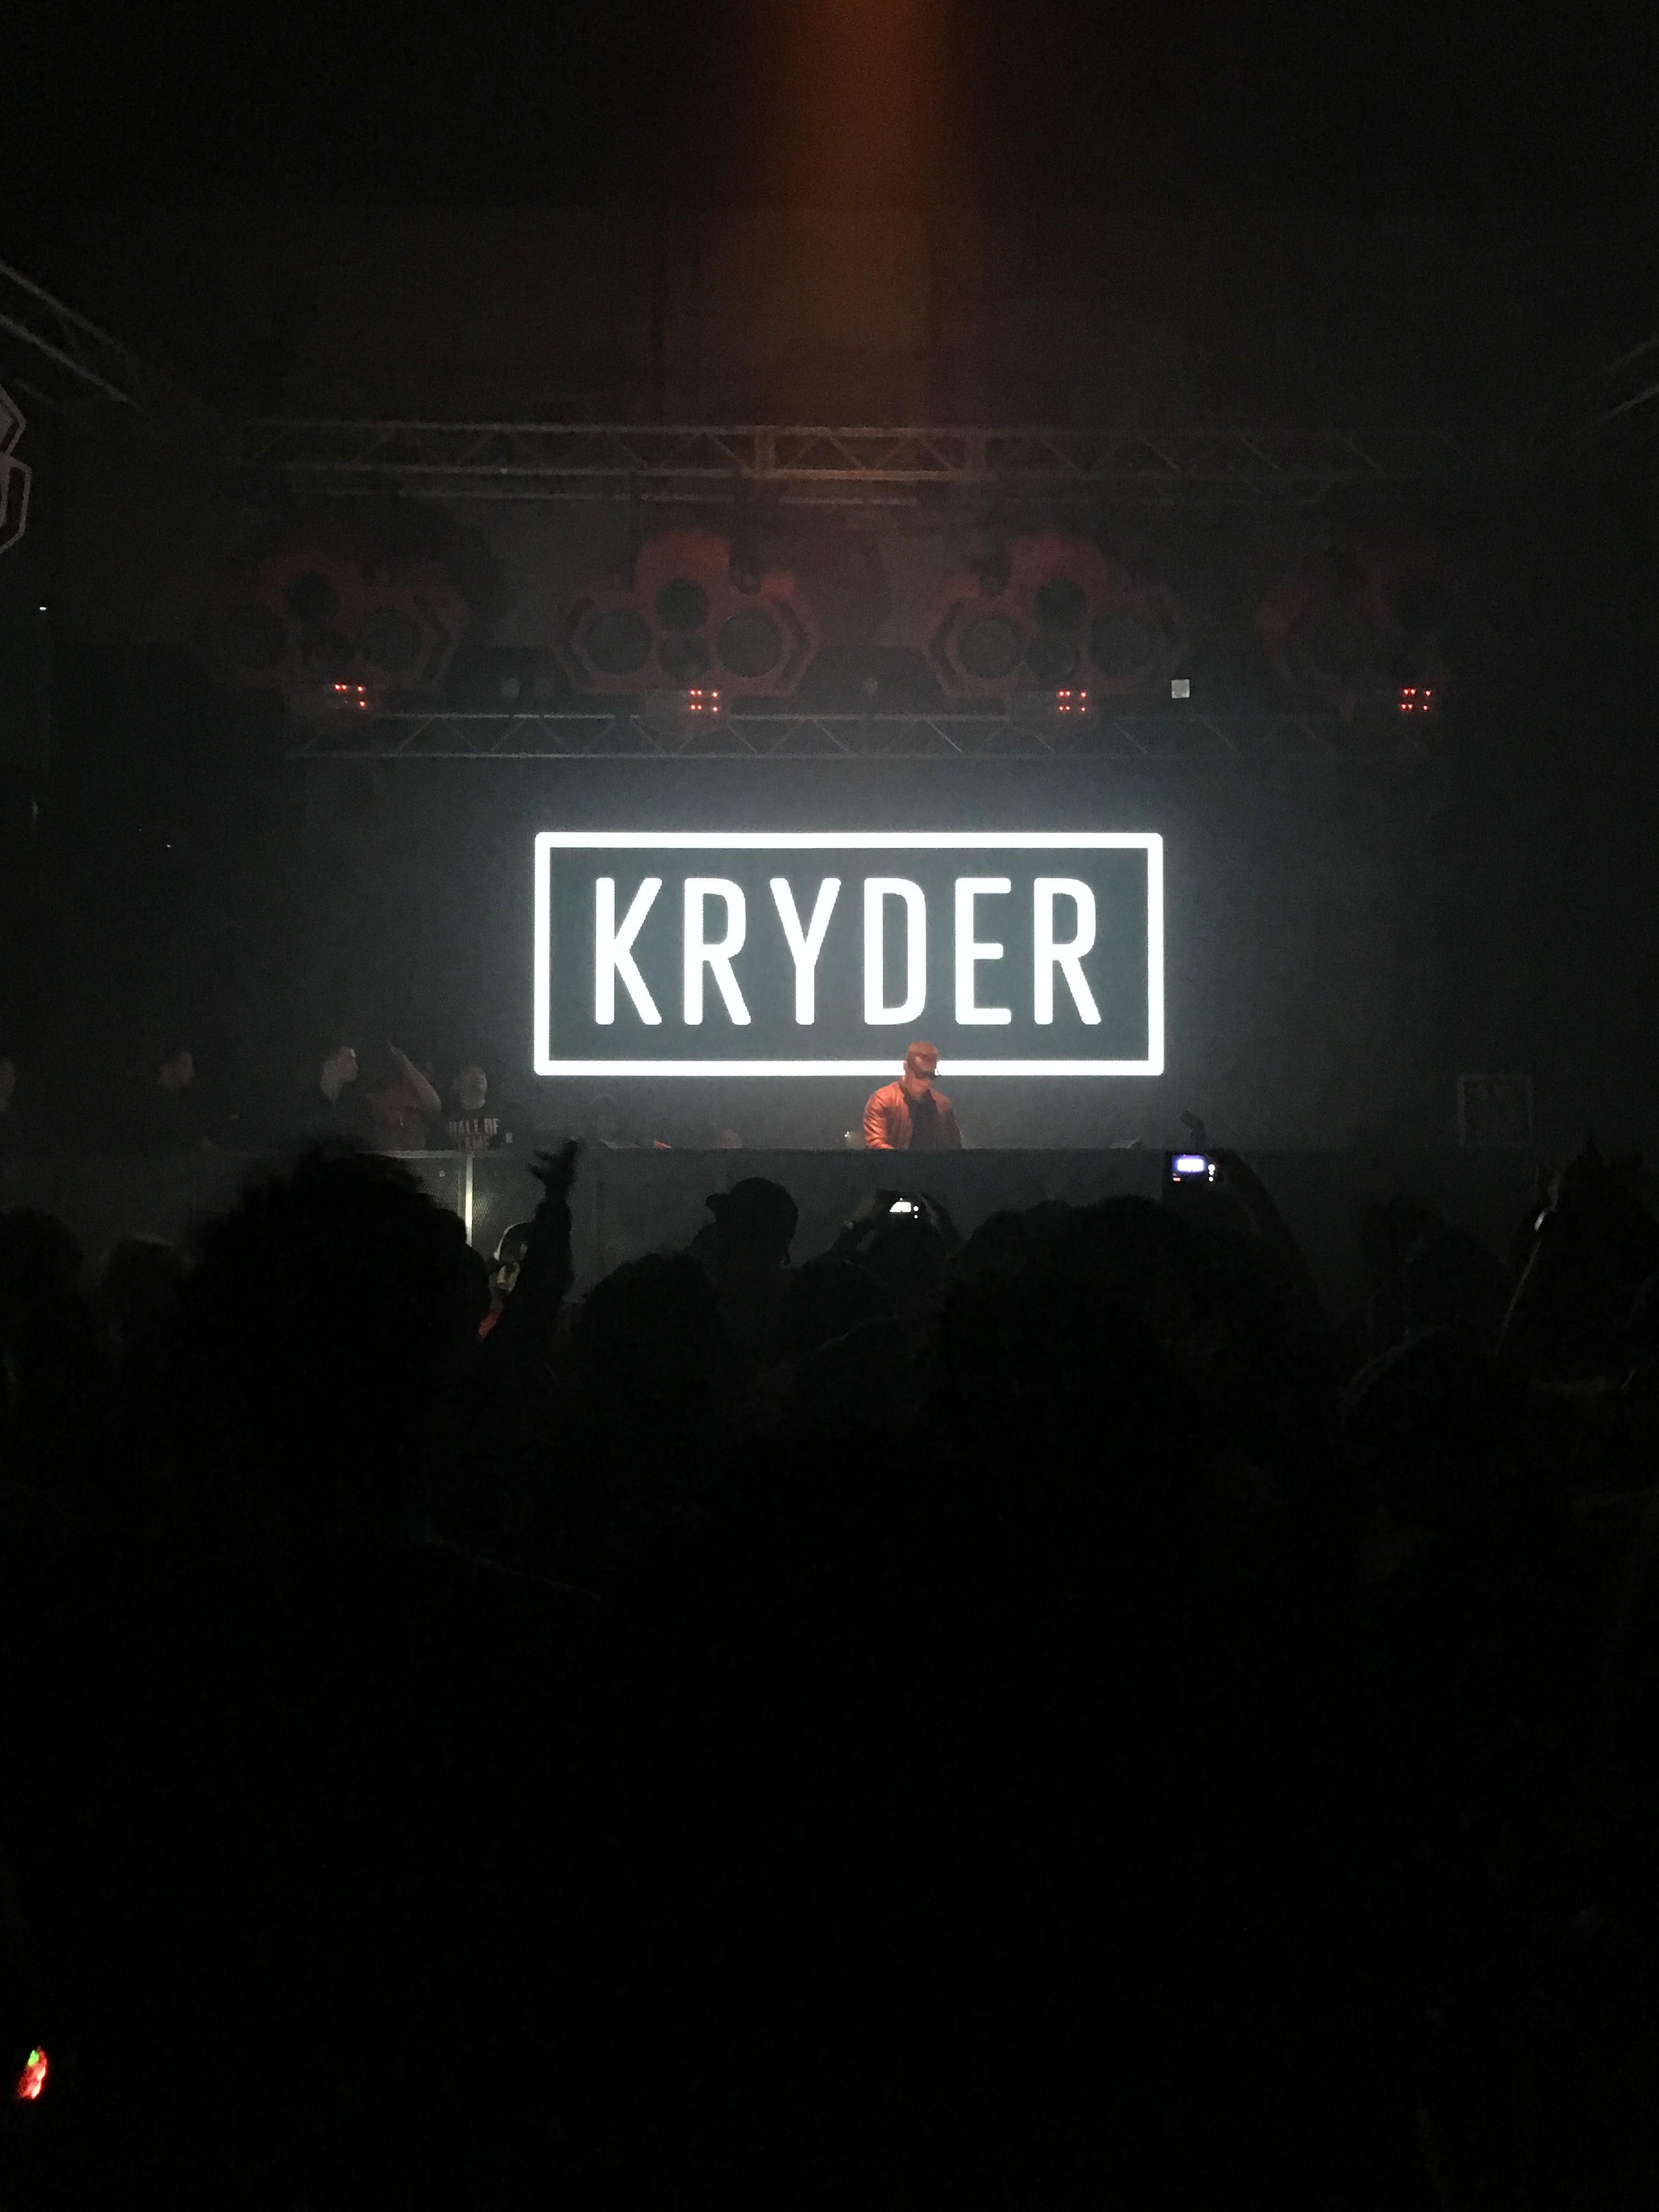 Kryder20151128